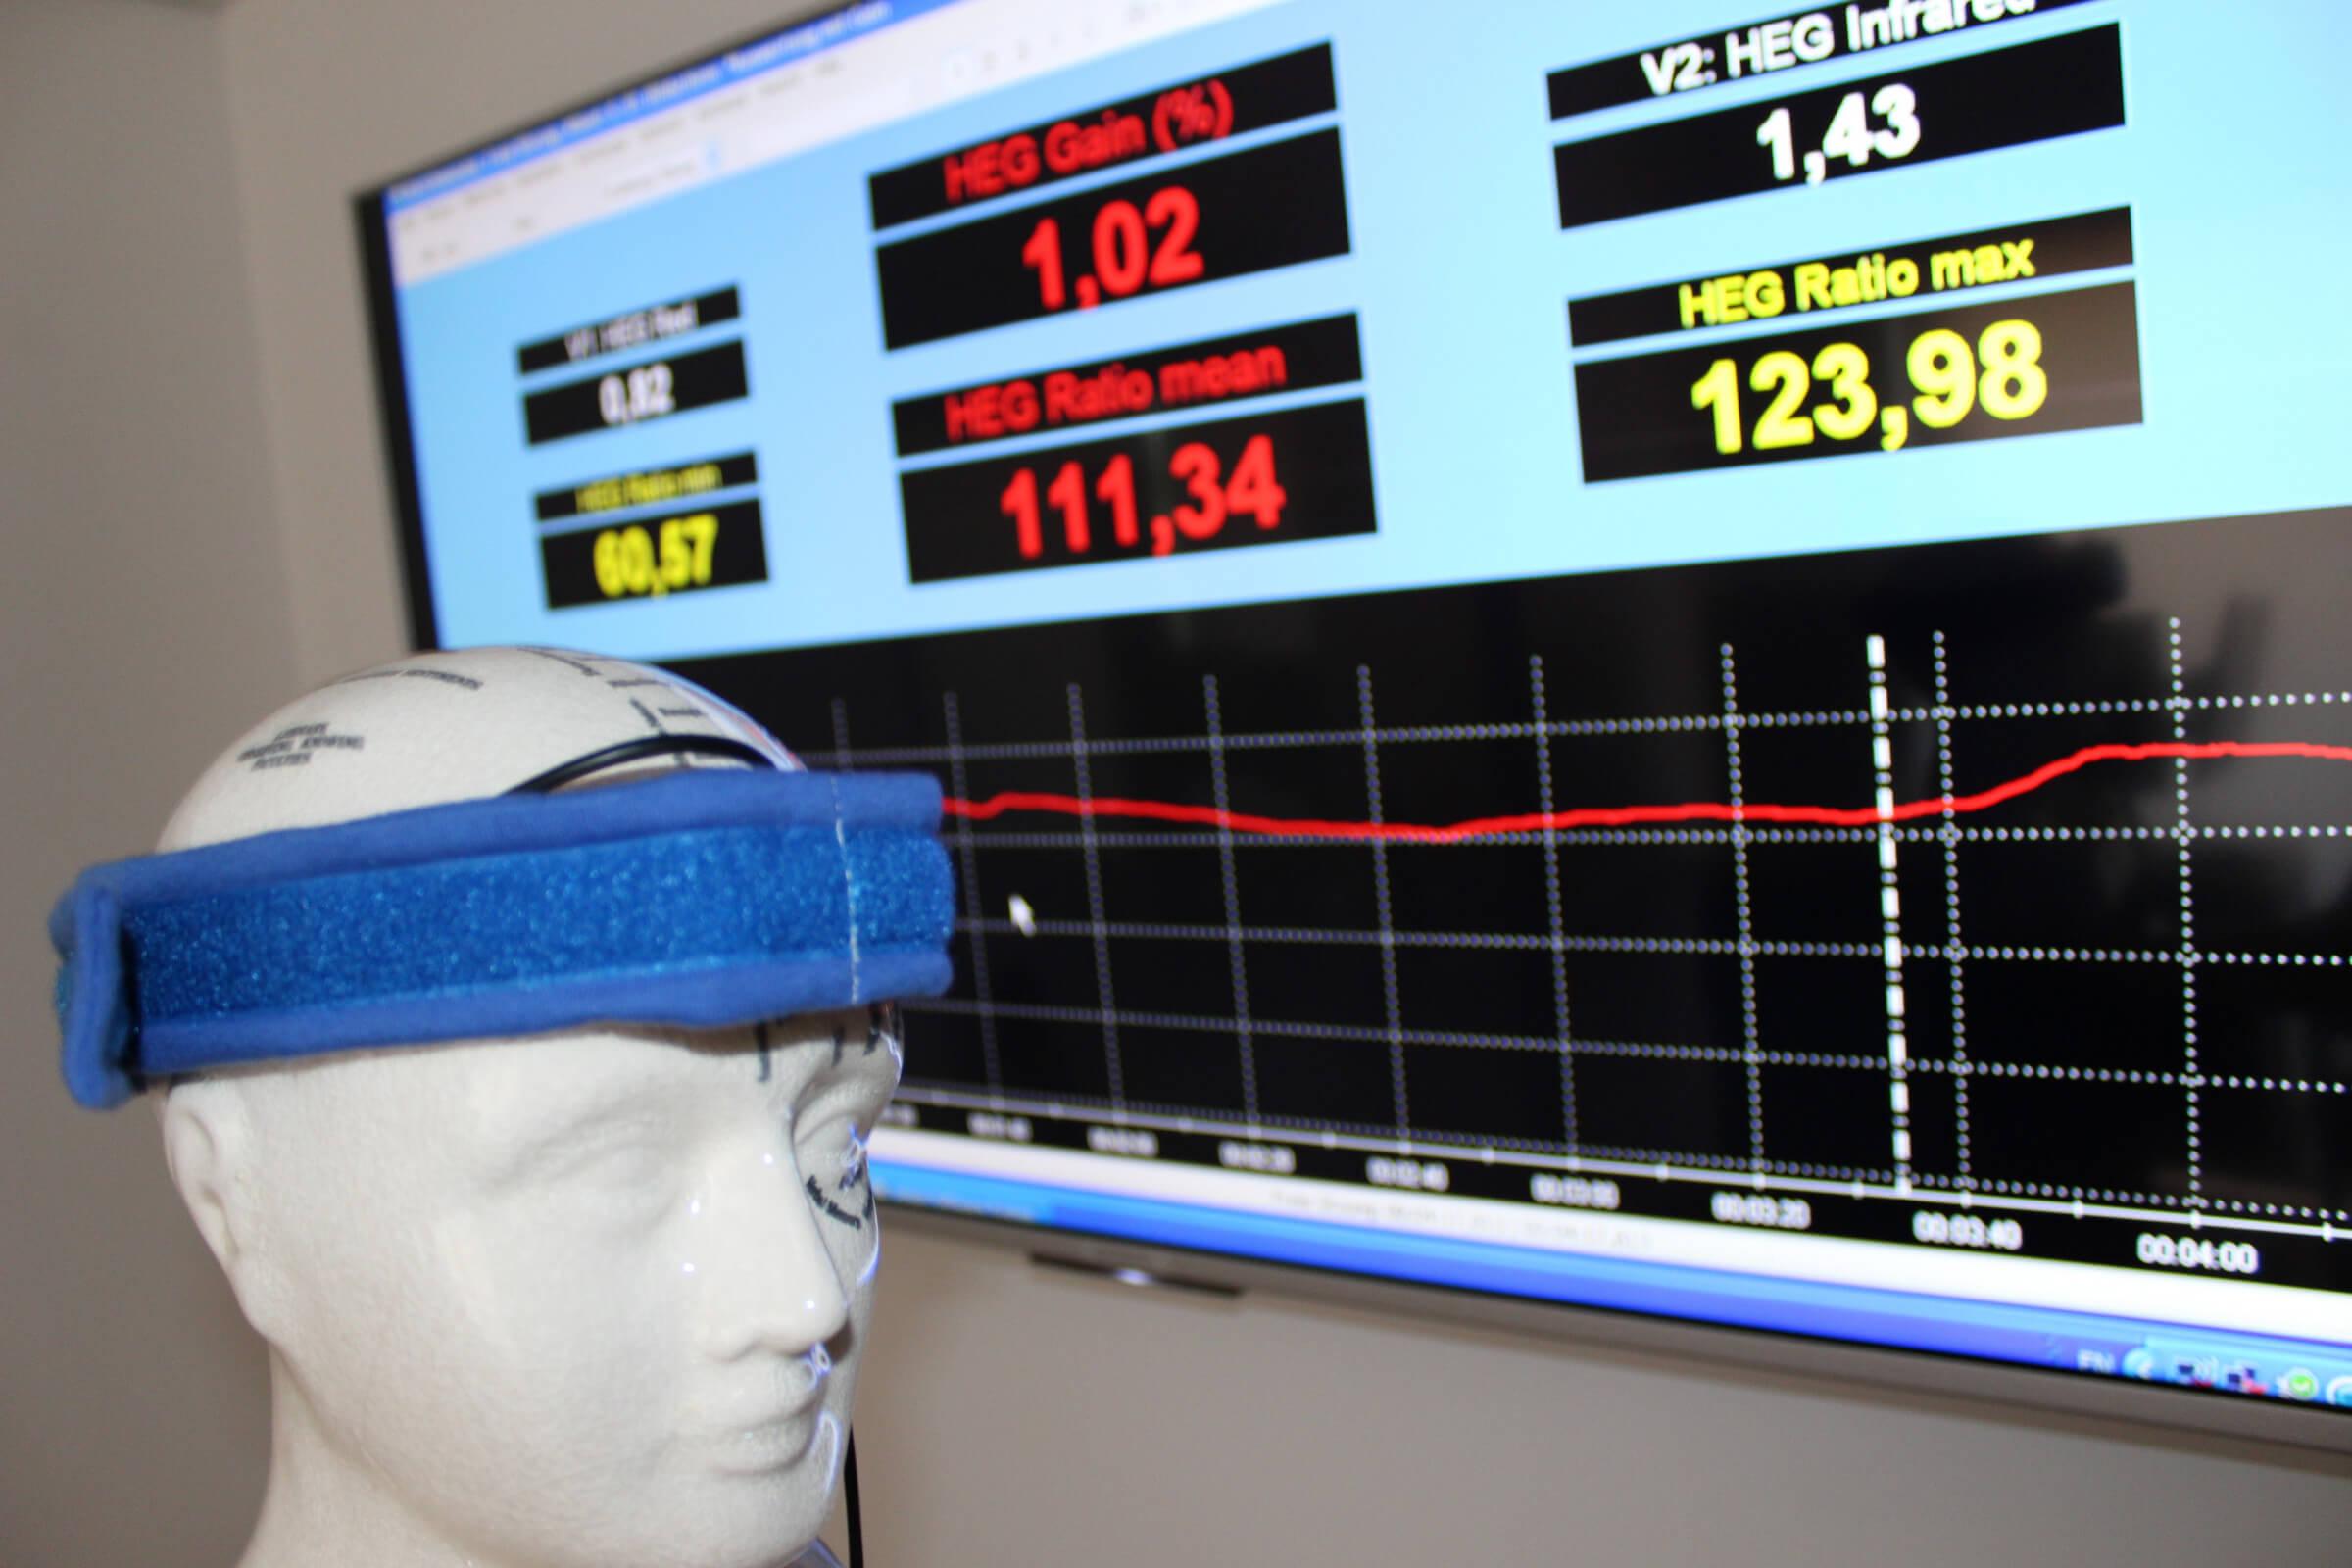 Die leistungsstarke Enkoder-Einheit mit 8 Kanälen besitzt alle Möglichkeiten und Flexibilitäten, </br>die man für Echtzeit-basiertes, computerunterstütztes Biofeedback und Neurofeedback (HEG) benötigt